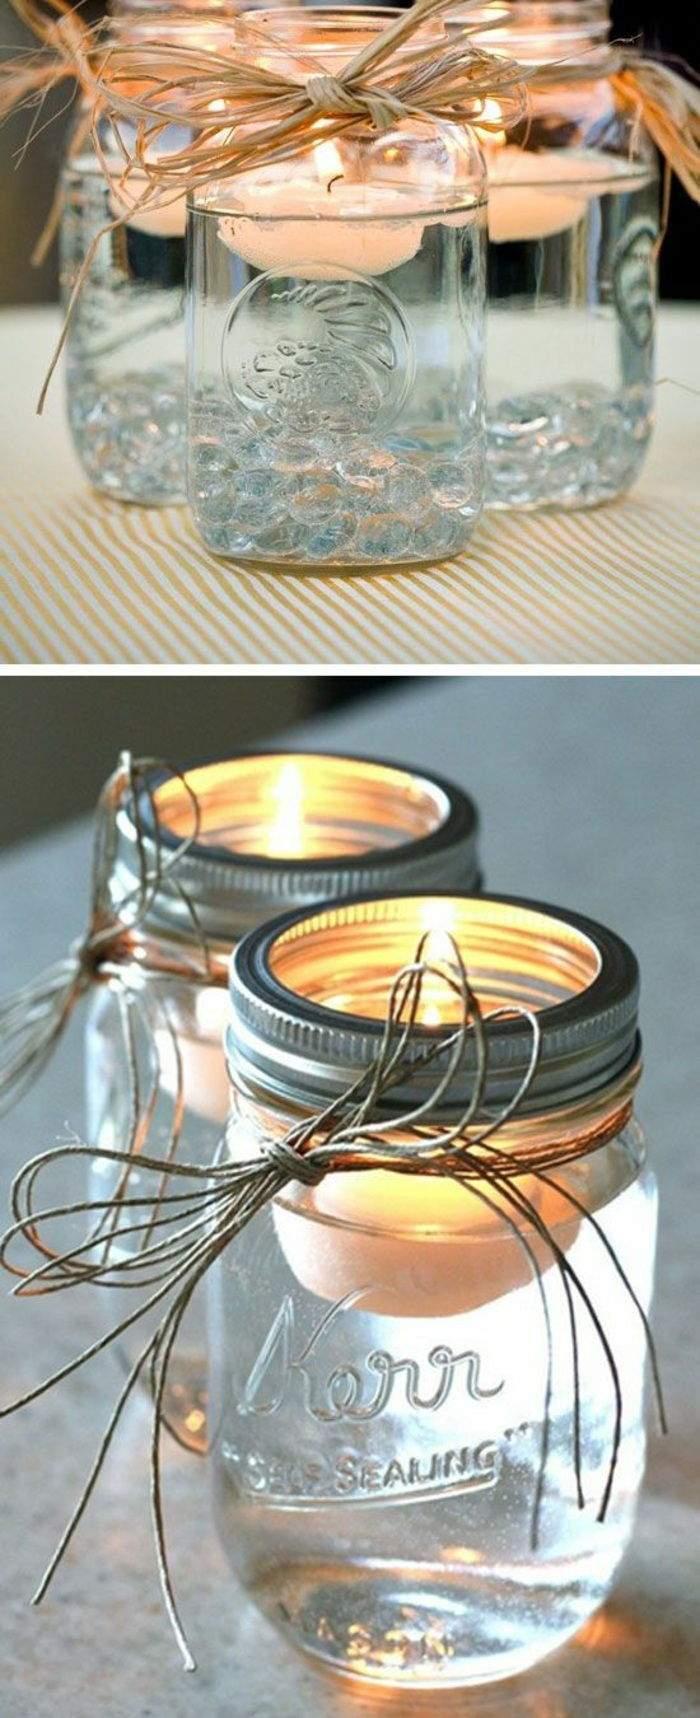 basteln mit teelichter einmachgl C3 A4ser leinenschnur faden schleife weiße kerzen schwimmkerzen